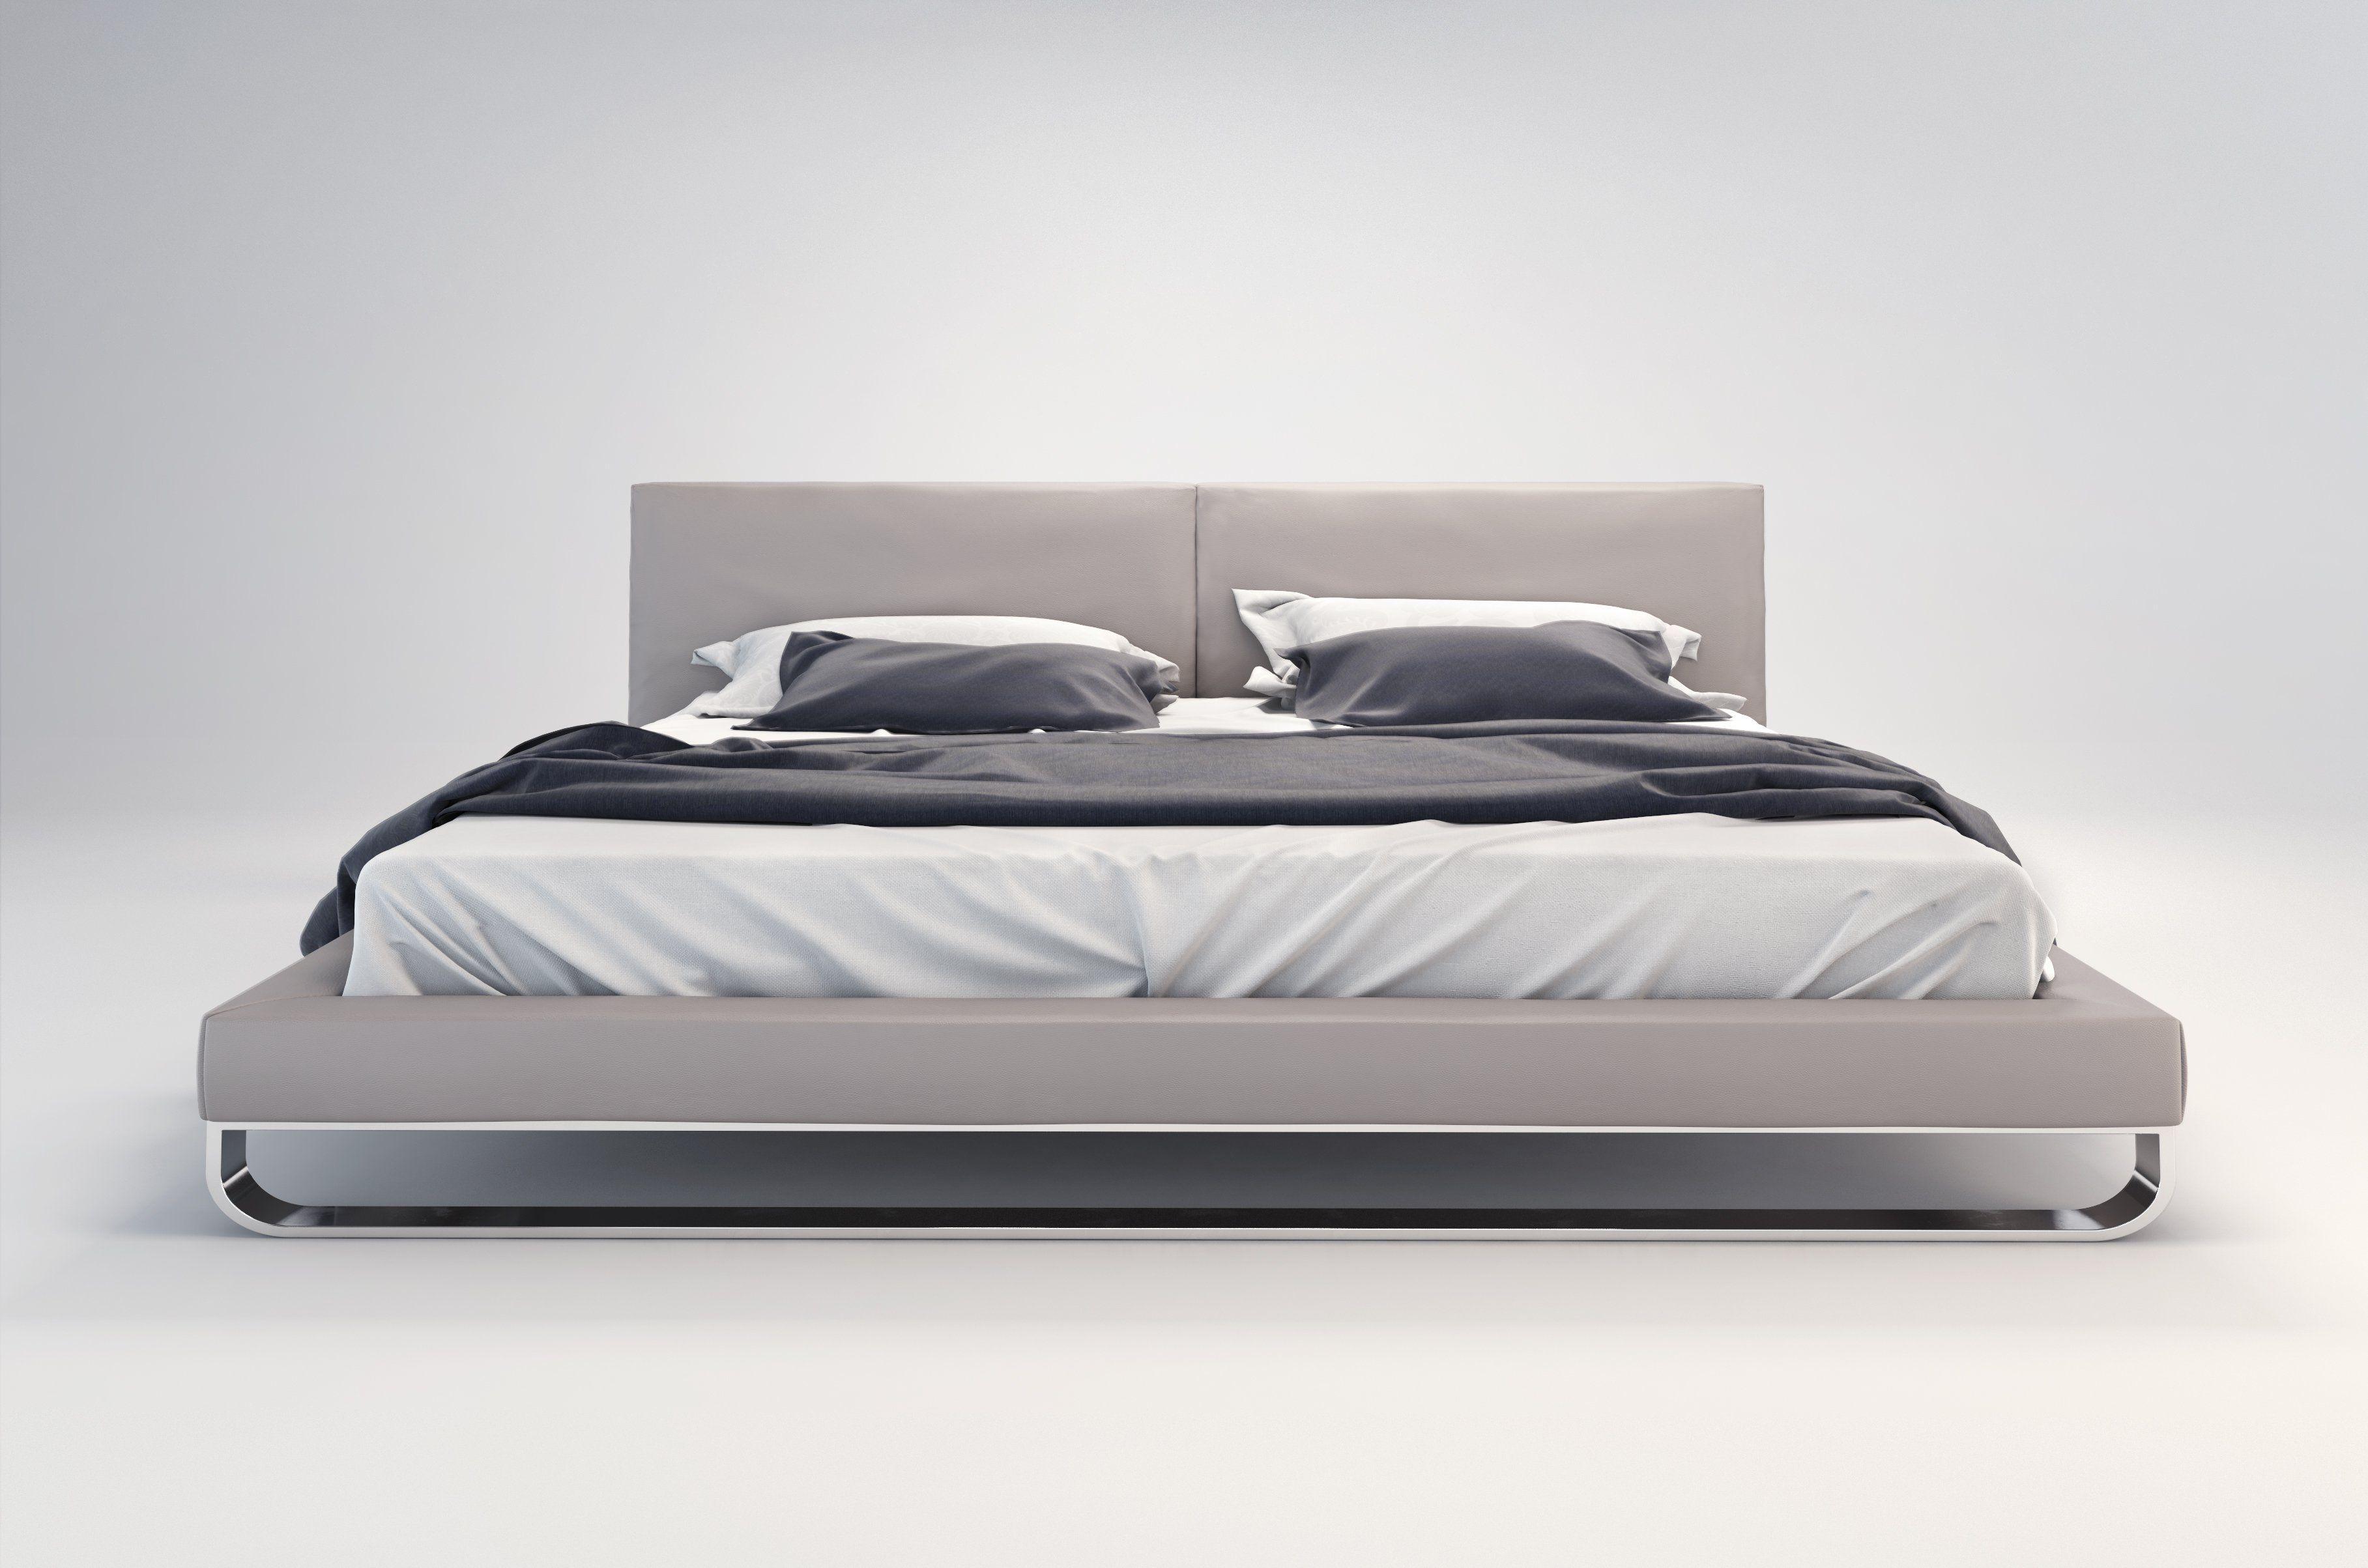 Modern platform bedroom sets traininggreen interior home